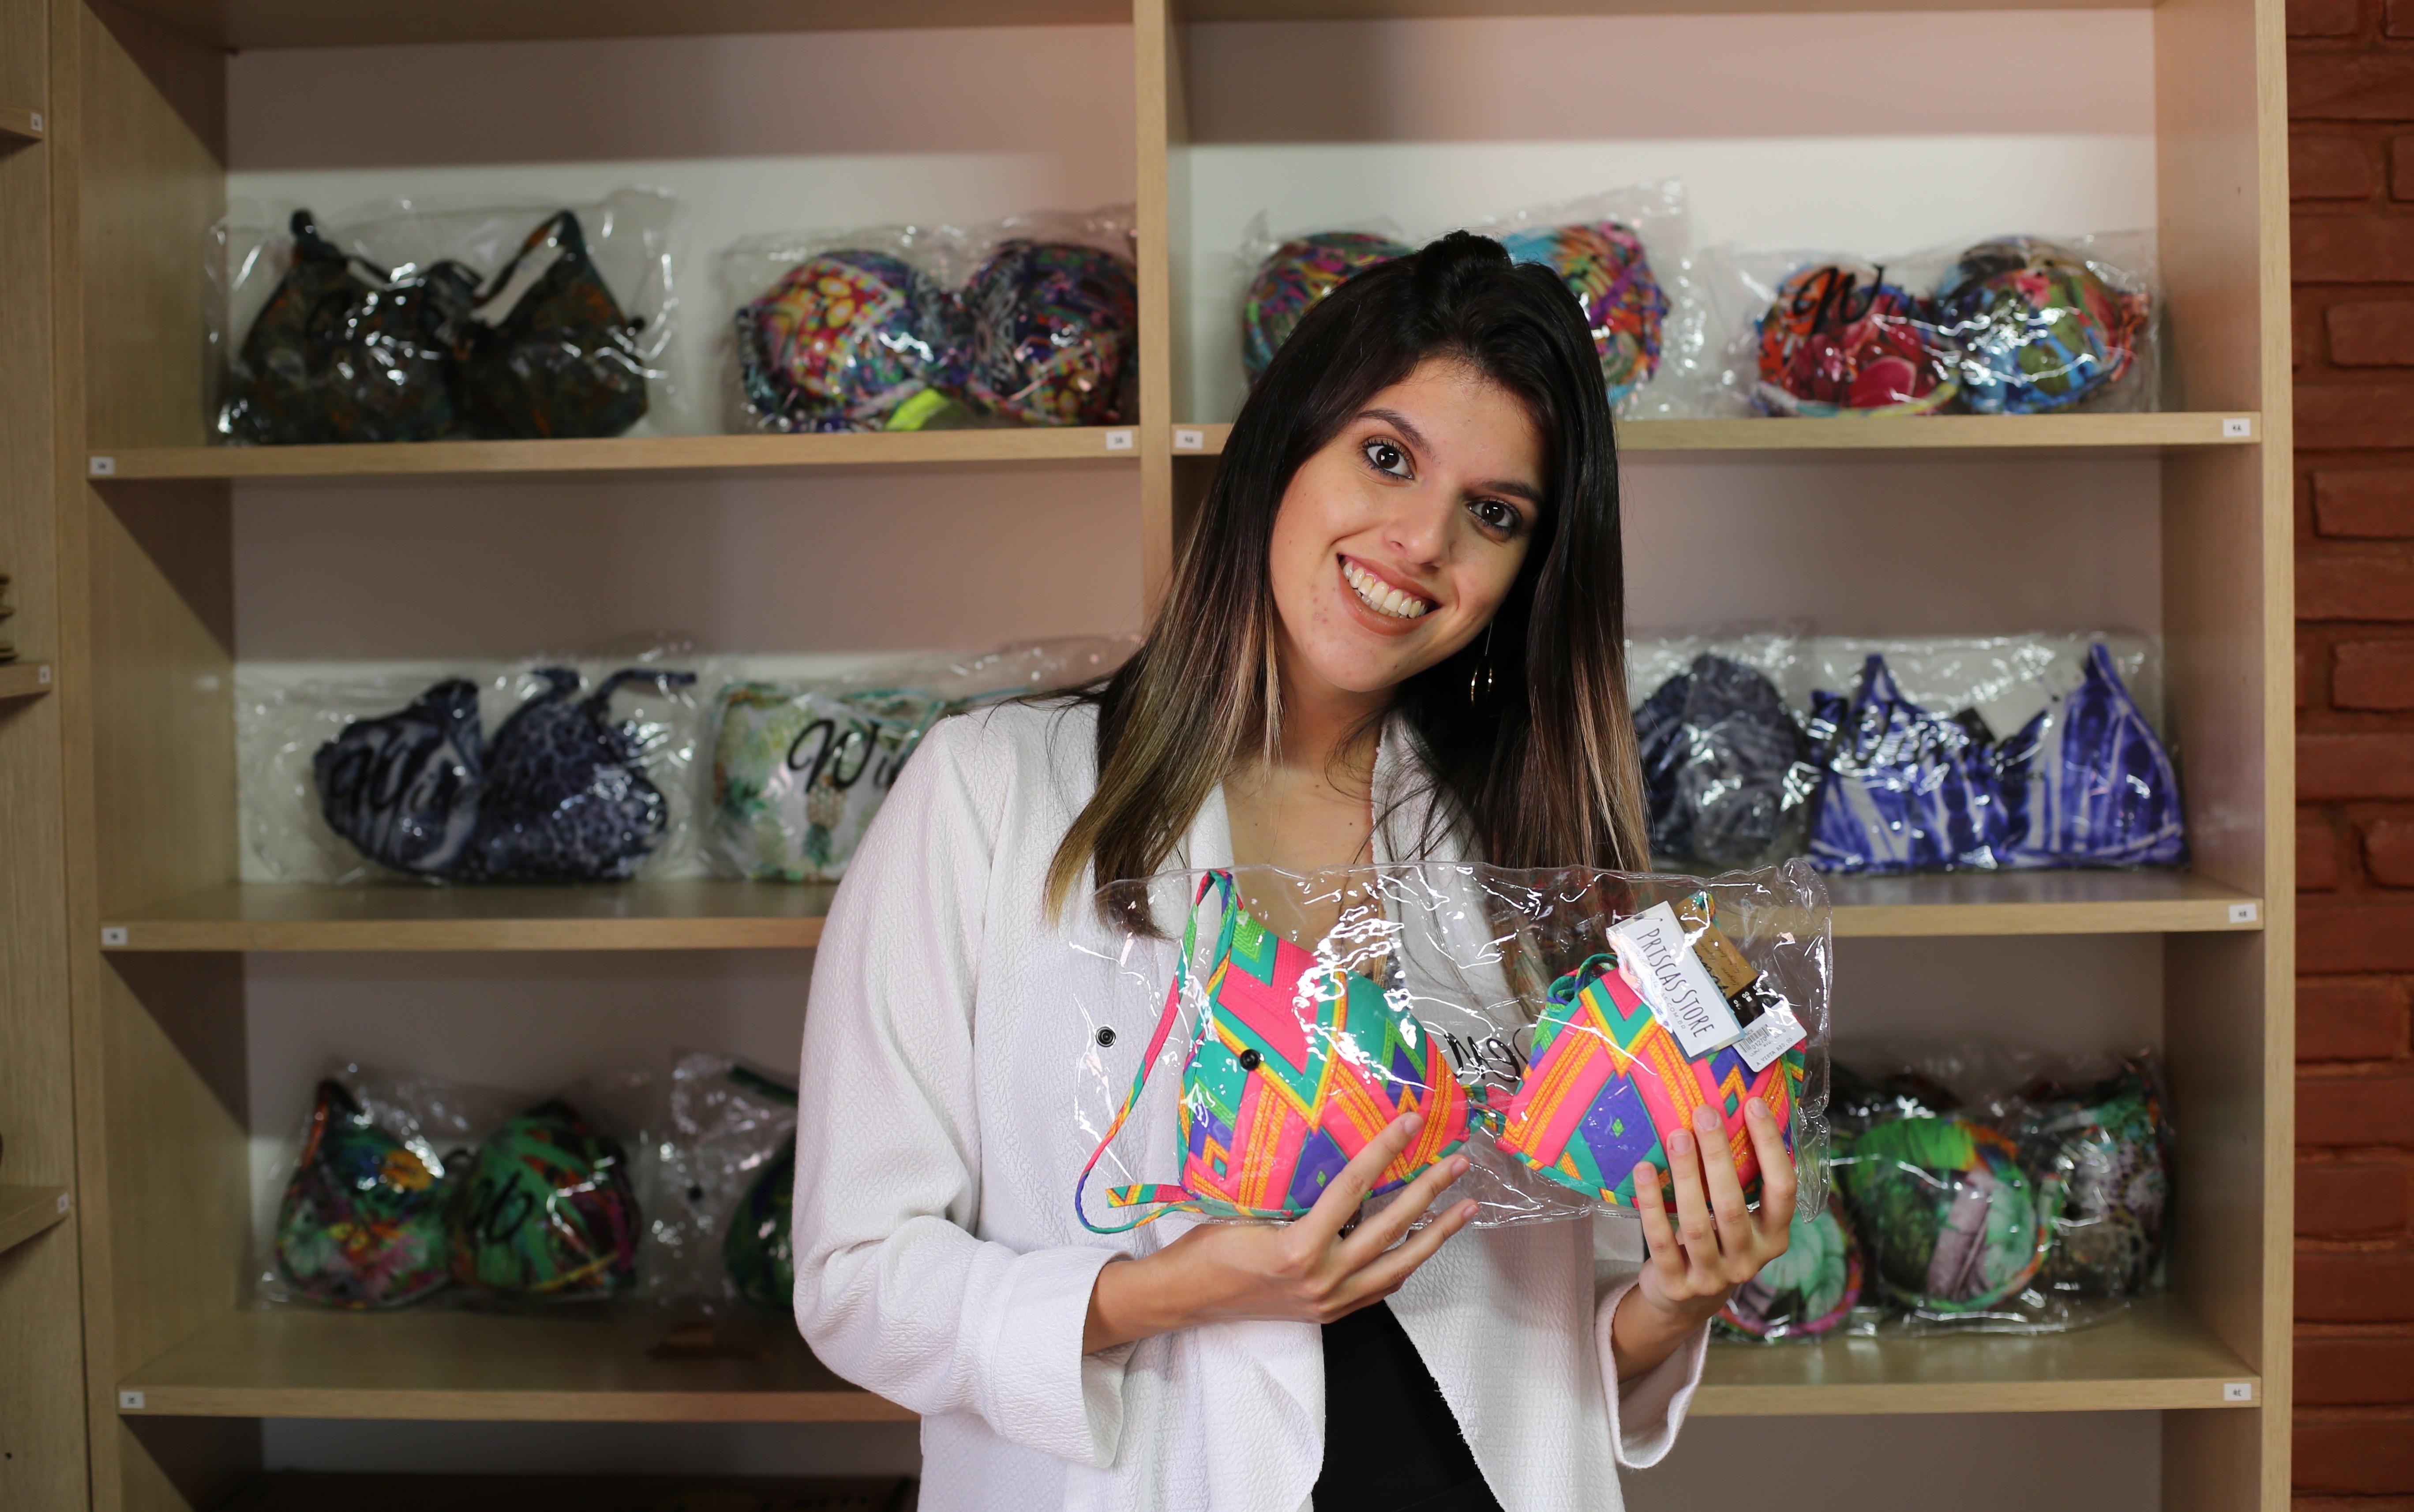 Após abandonar emprego em multinacional, jovem investe na venda de biquínis em Poços de Caldas